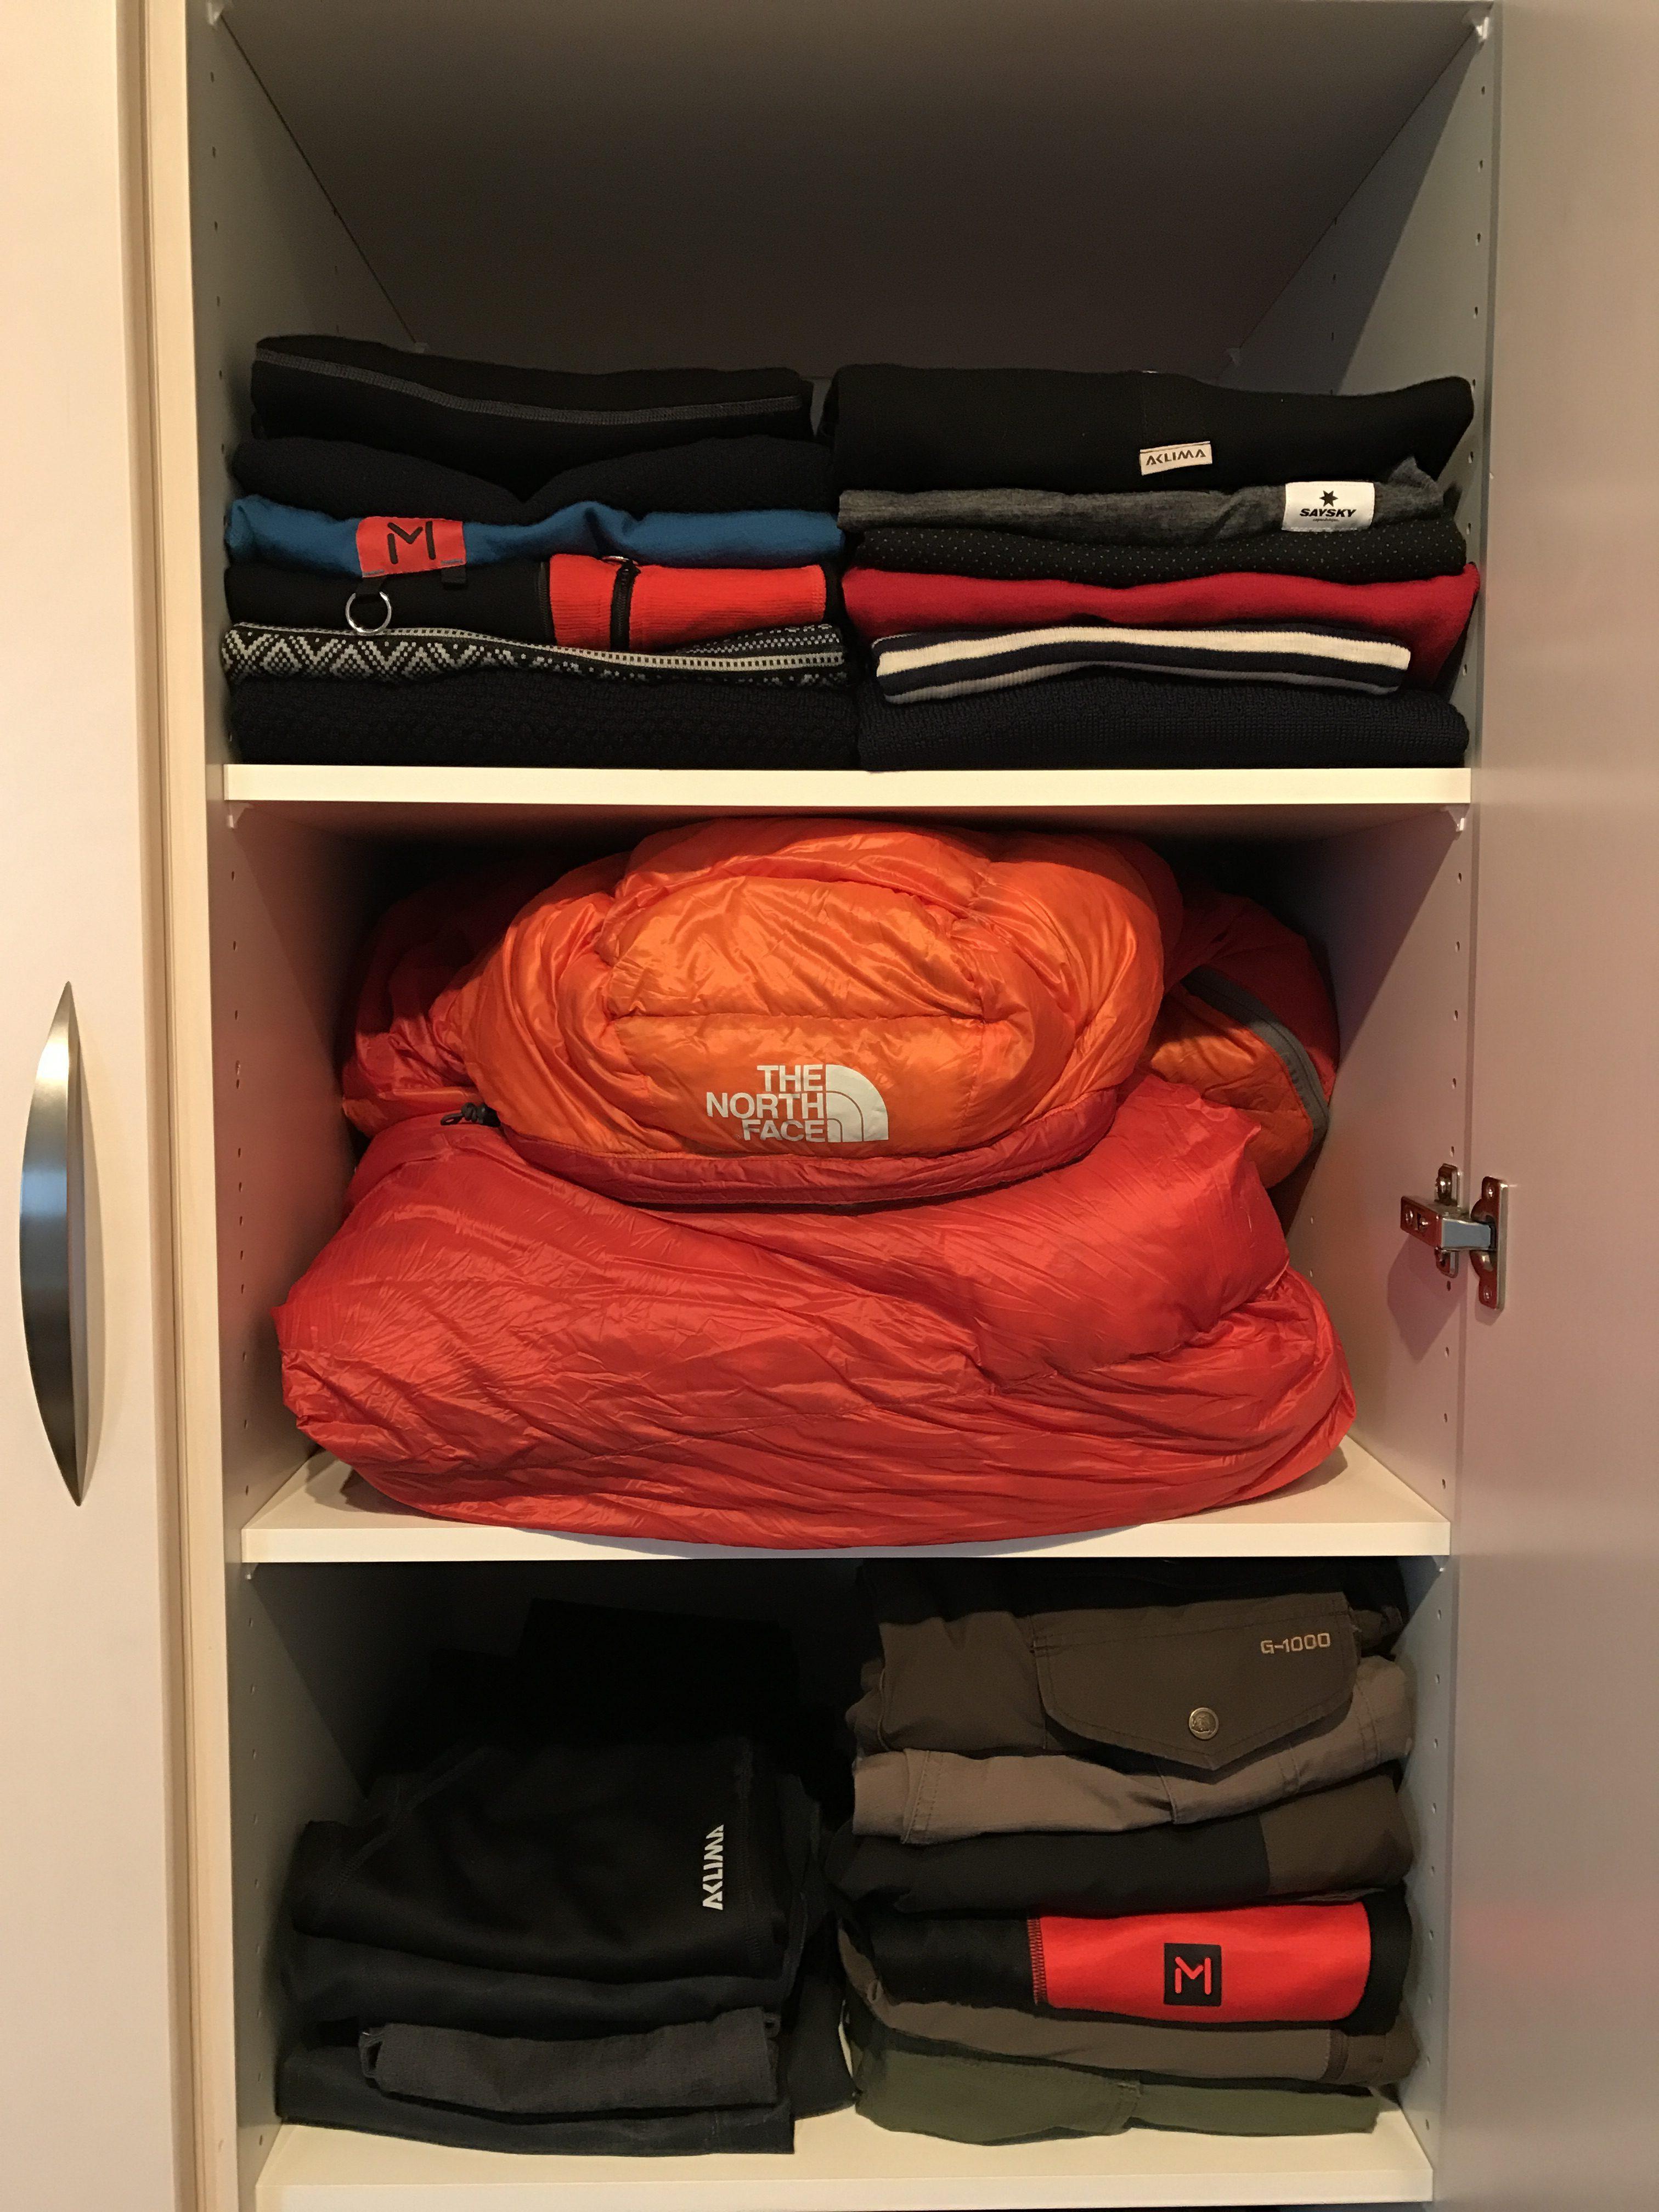 Opbevaring af din sovepose - opbevar den løst foldet på en hylde i klædeskabet.